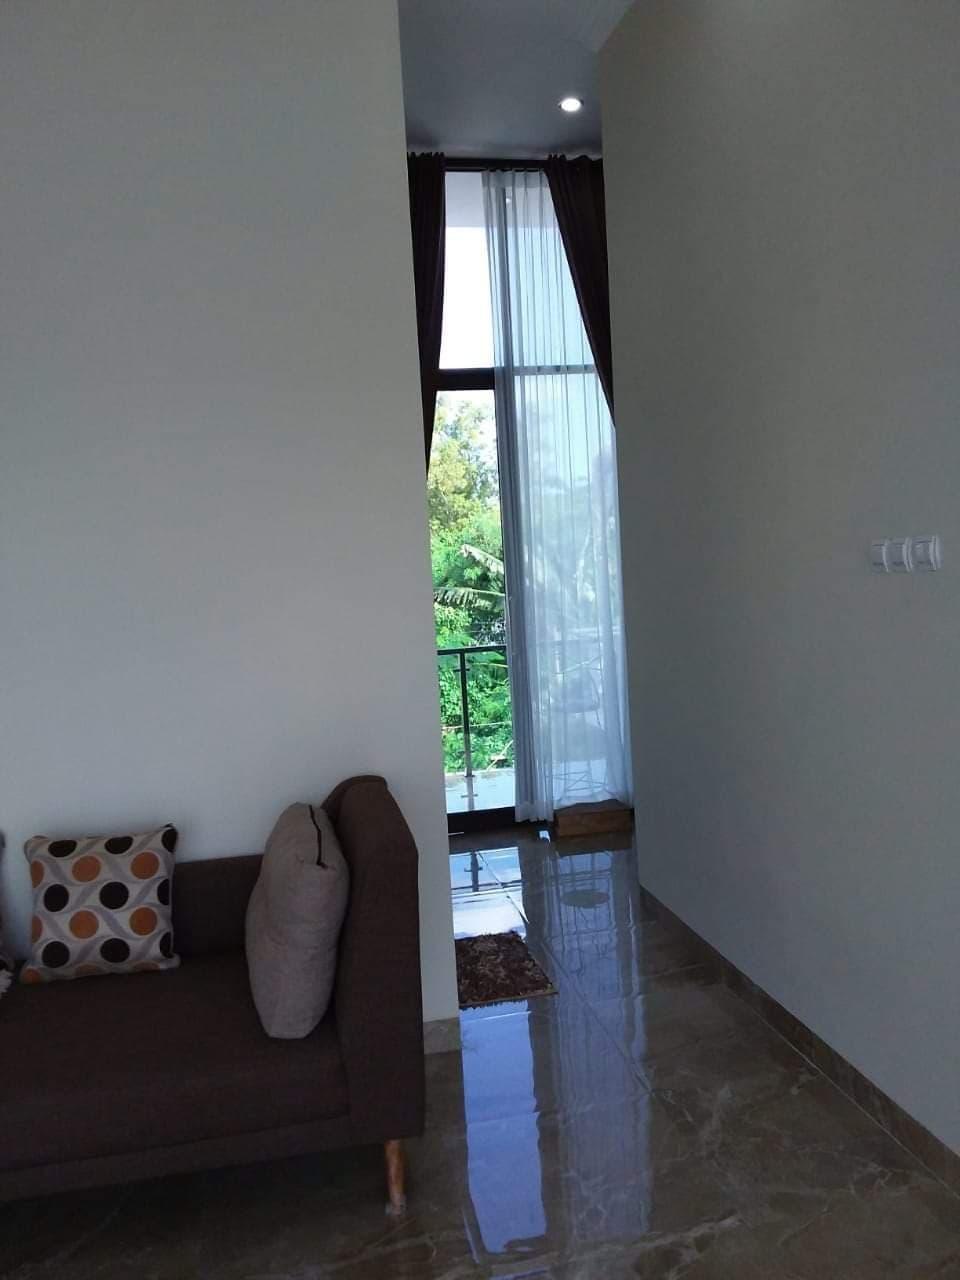 Beli Rumah Resort Type 82 di Jogja Gratis Beli Rumah Type 36 2